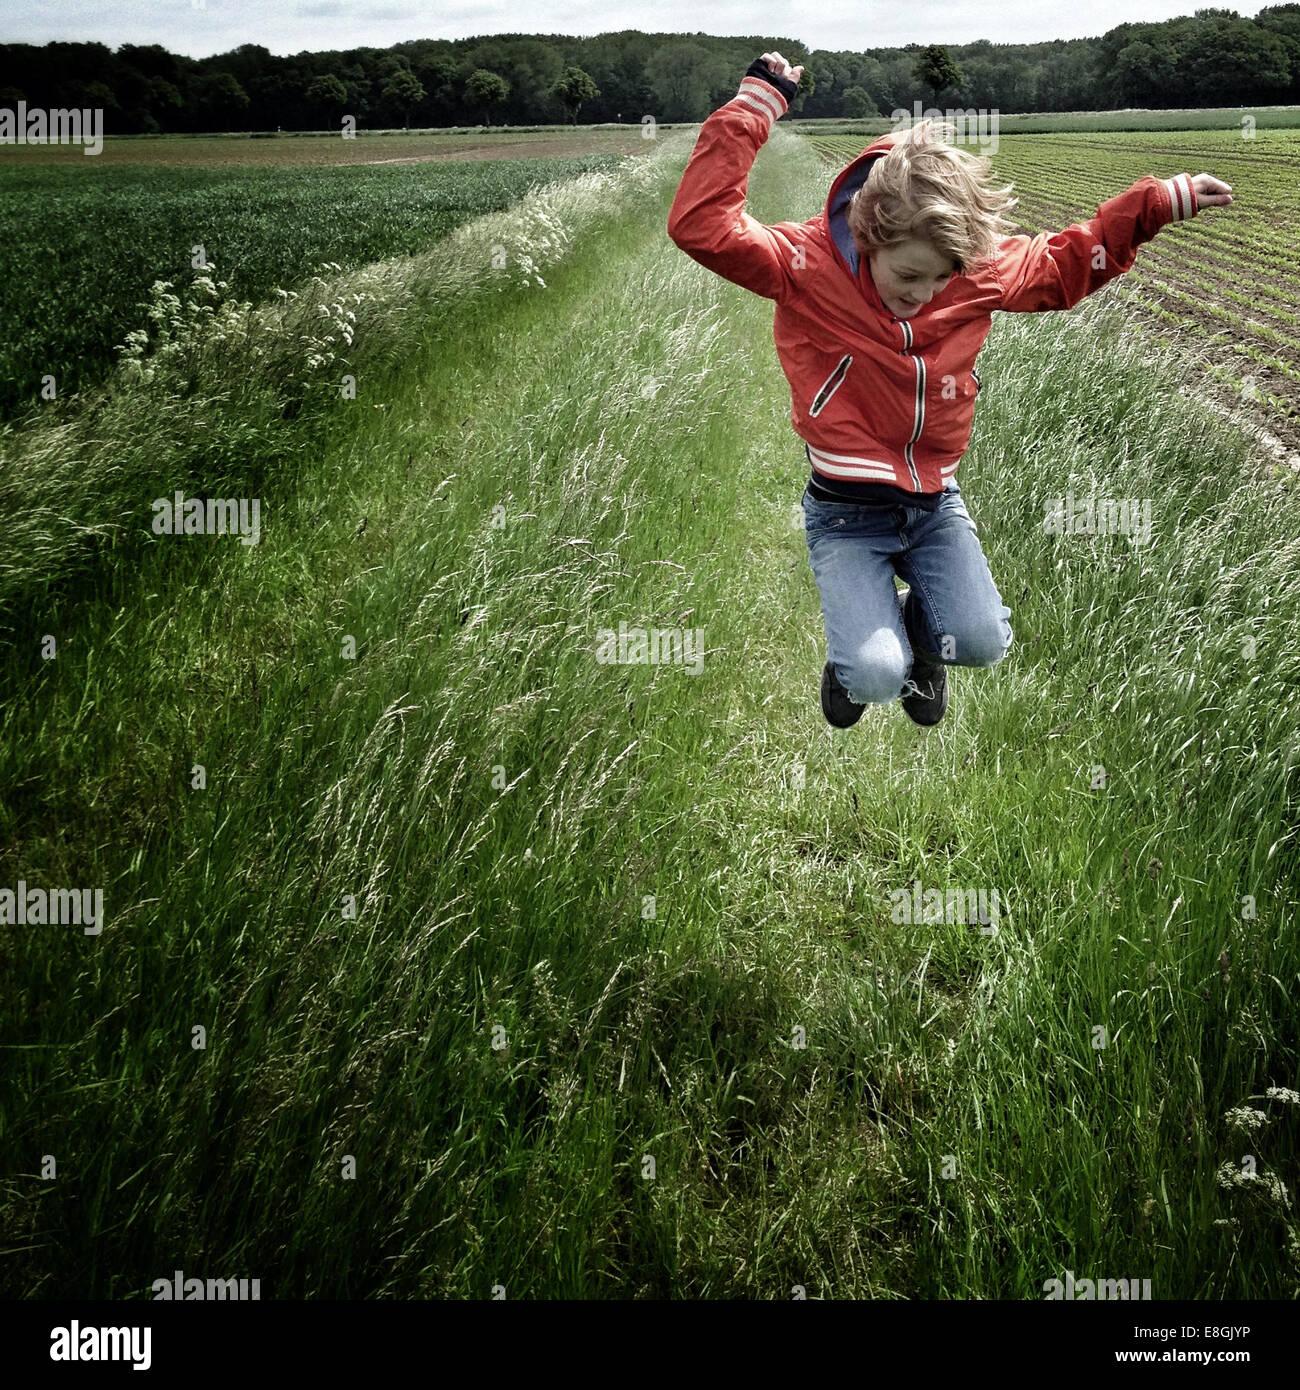 Chico saltando en un campo Imagen De Stock